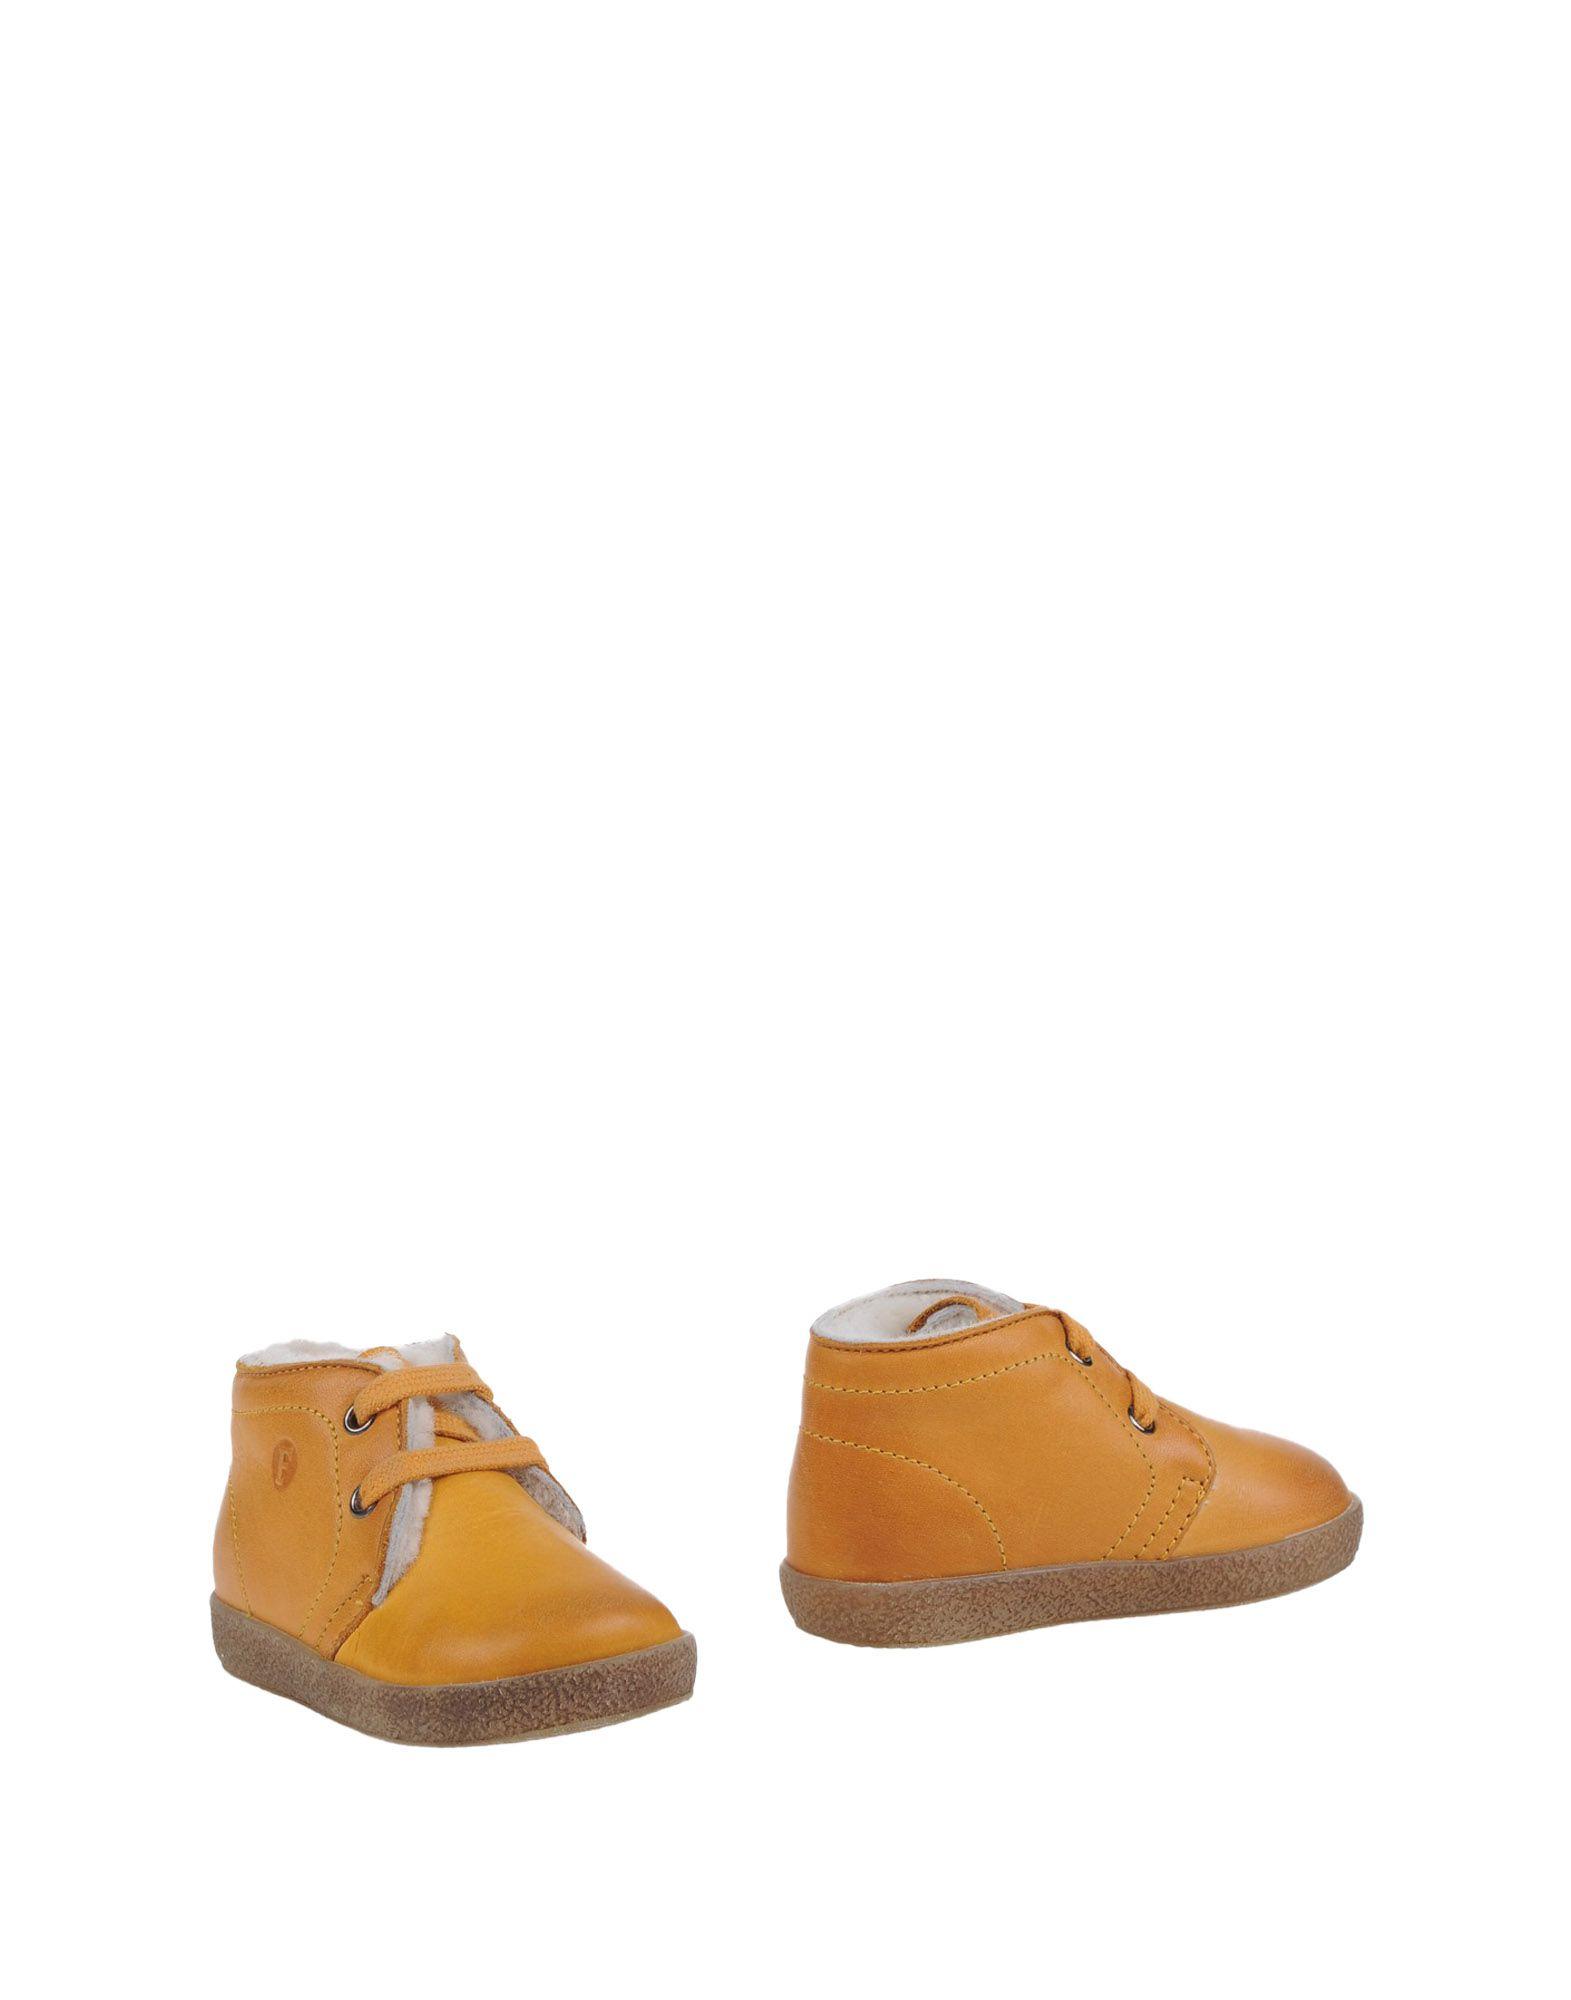 FALCOTTO Jungen 0-24 monate Stiefelette Farbe Ocker Größe 38